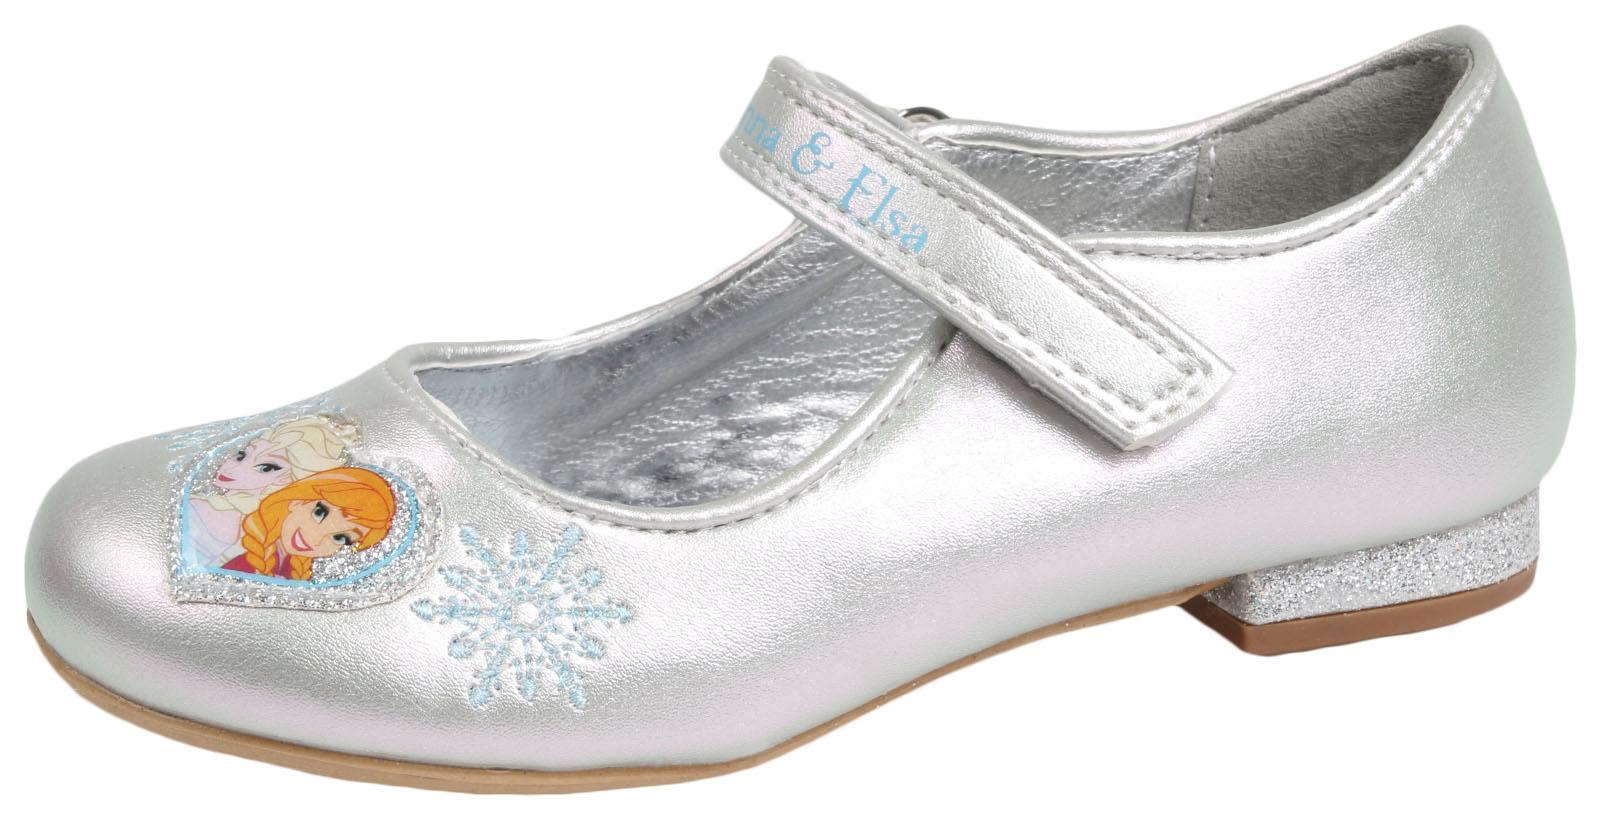 Anna Frozen Dress Up Shoes